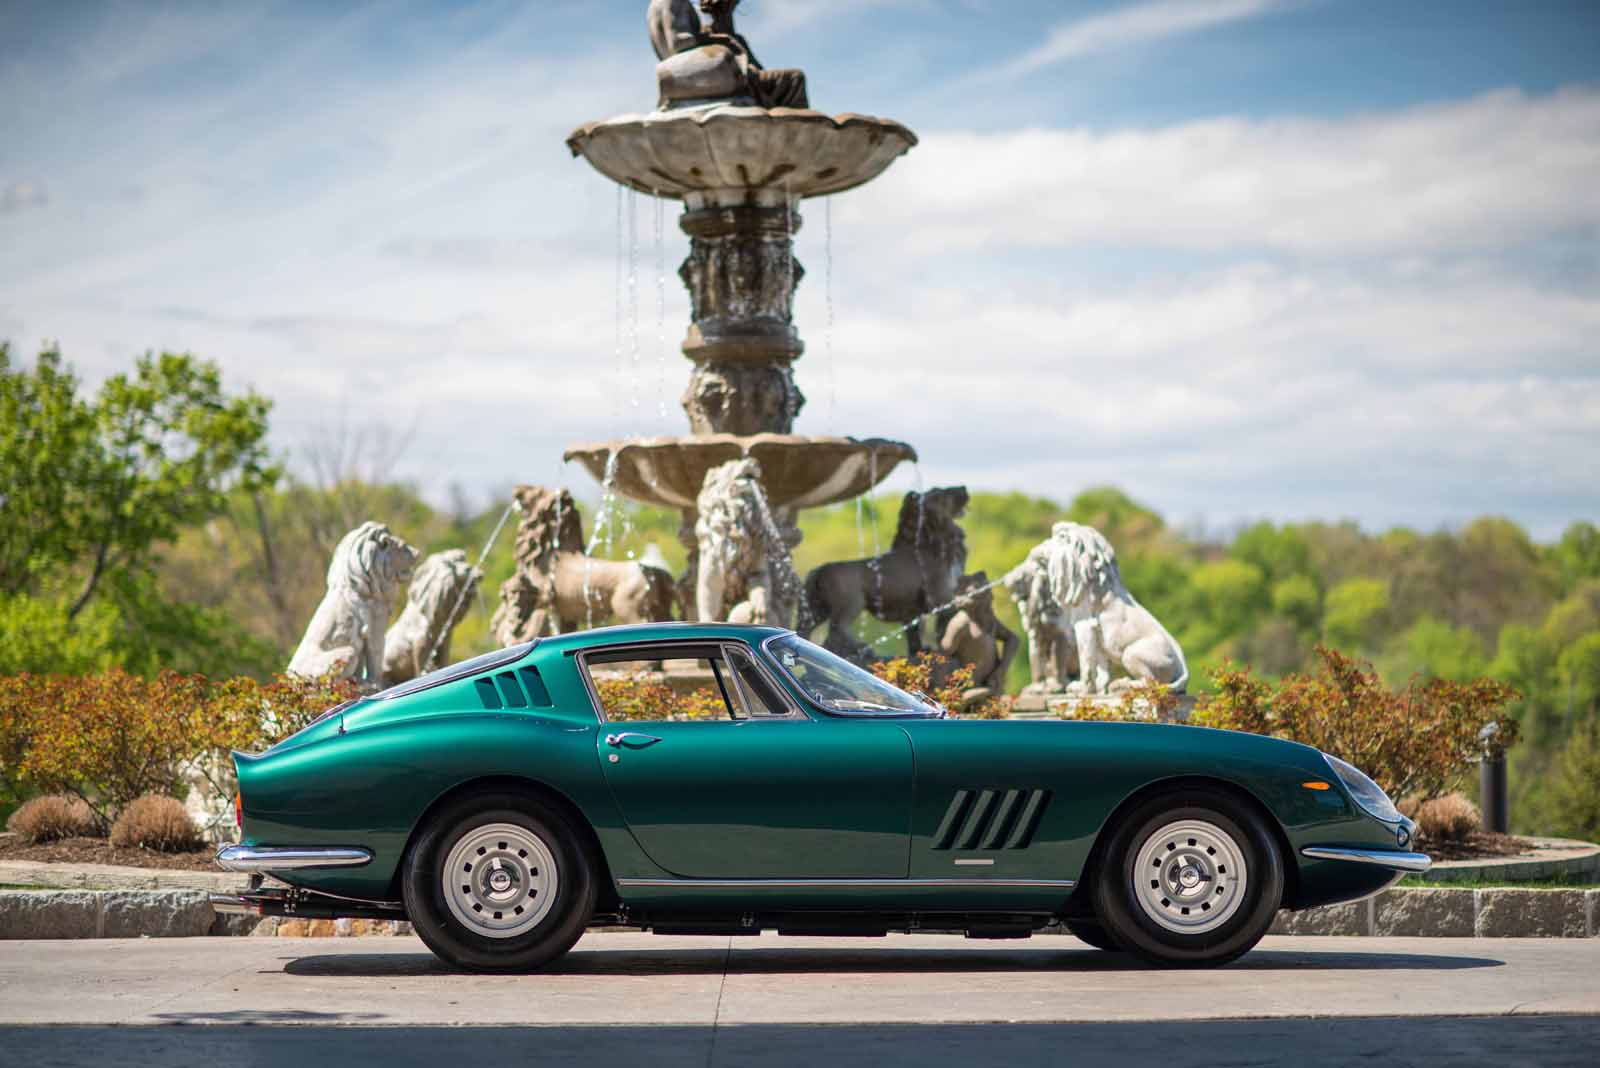 Ferrari 275 GTB/4 1967 được kỳ vọng sẽ có giá hàng triệu đô sau đấu giá